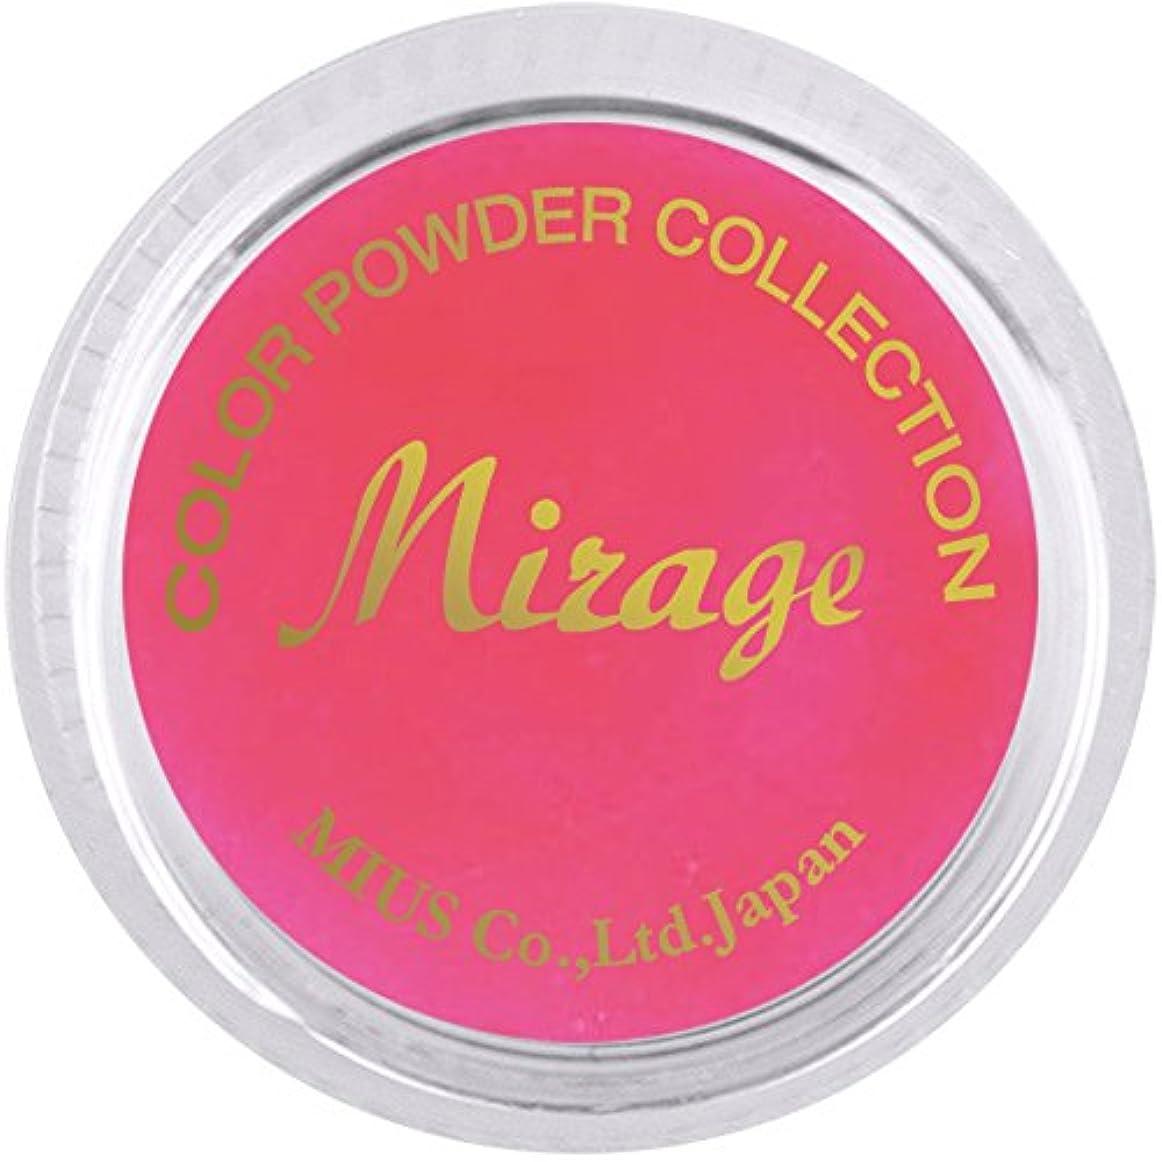 公爵夫人出力それからミラージュ カラーパウダー N/CPS-4  7g  アクリルパウダー 色鮮やかな蛍光スタンダードカラー